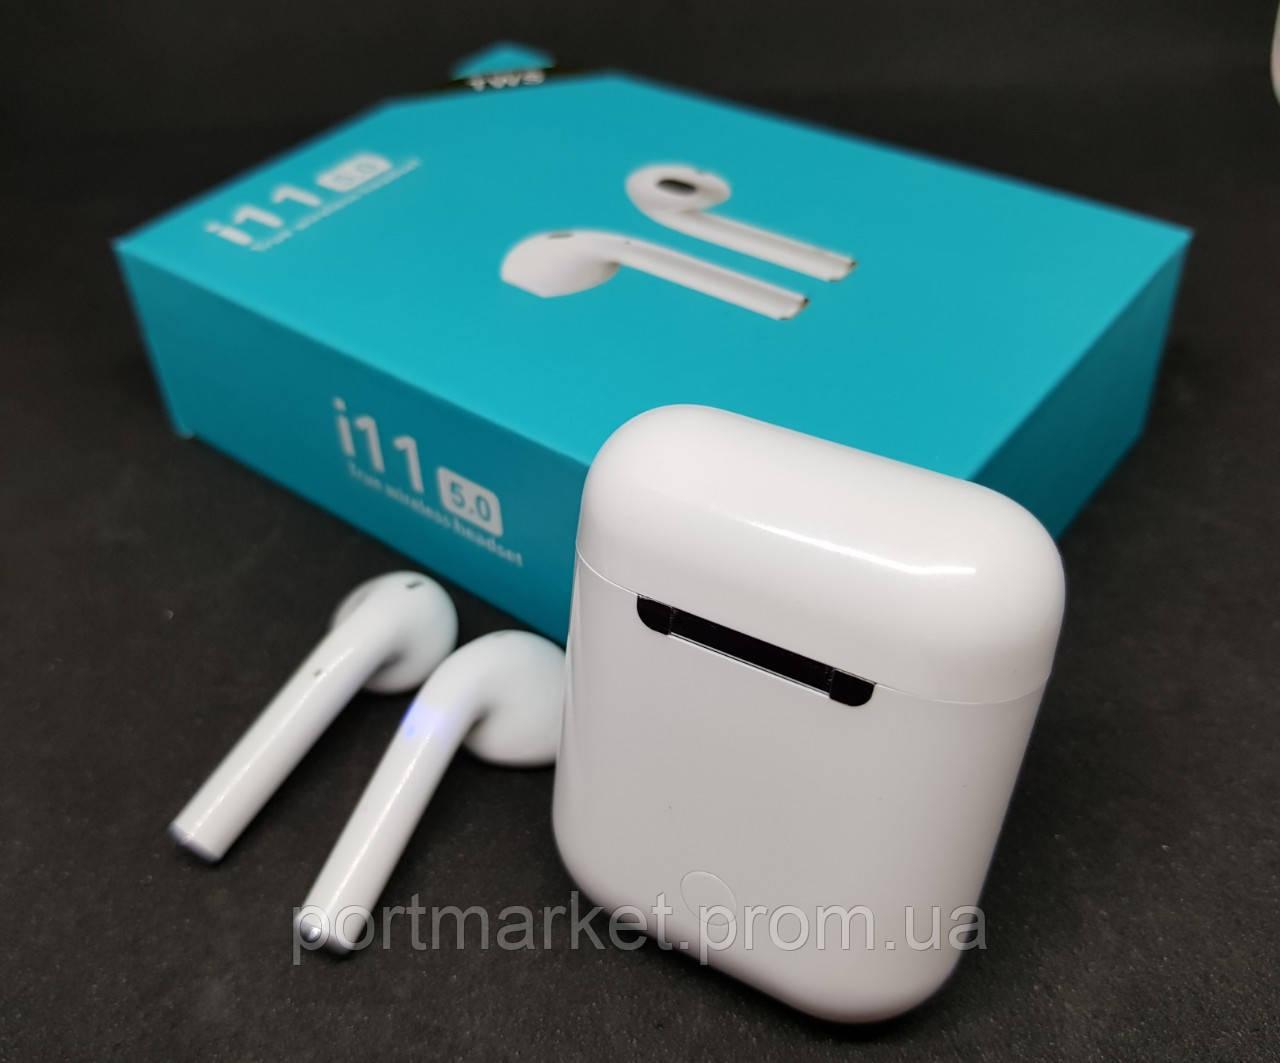 Наушники сенсорные беспроводные Bluetooth i11 TWS наушники блютуз